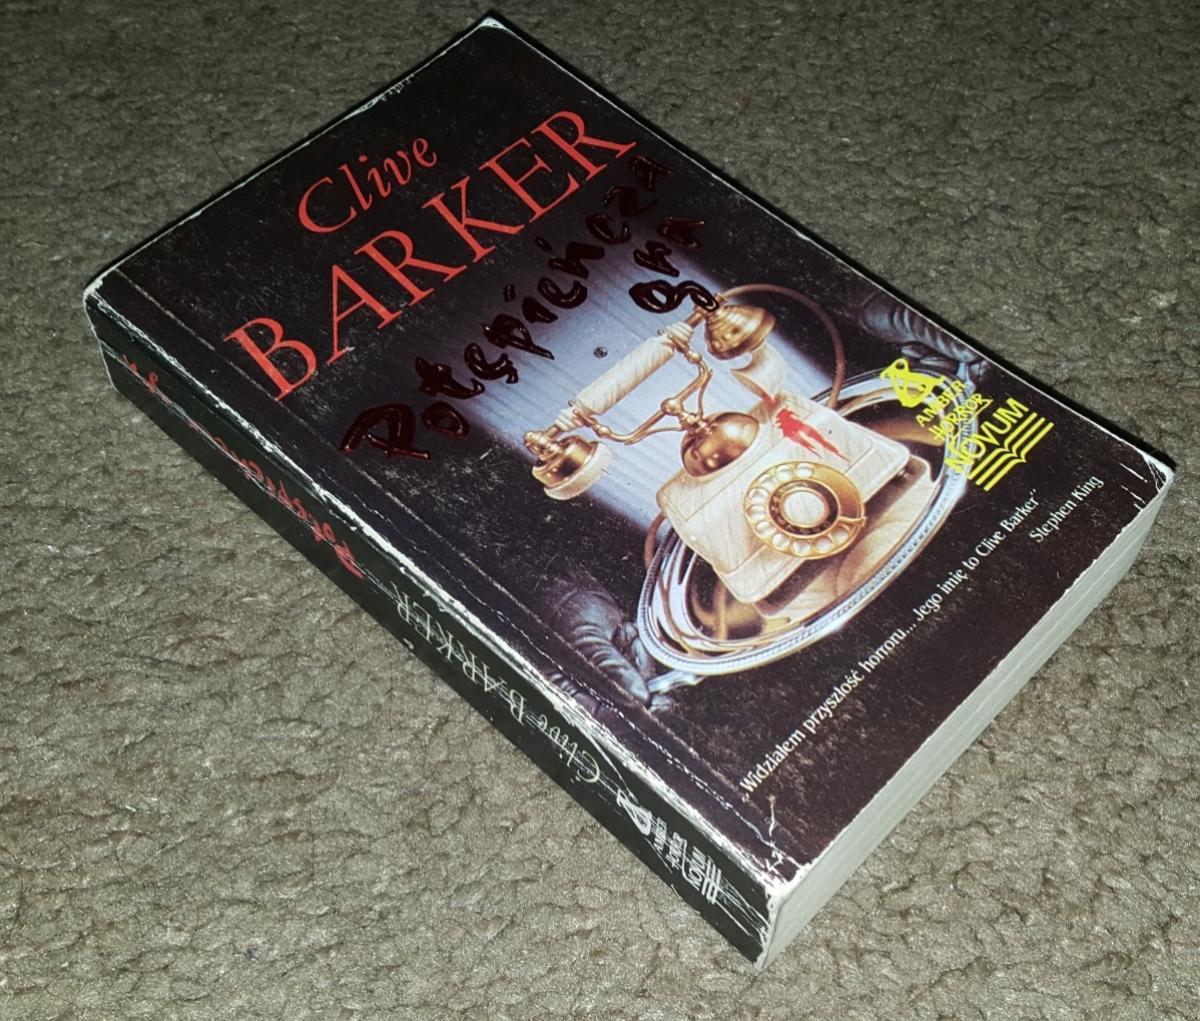 Clive Barker - obrazek